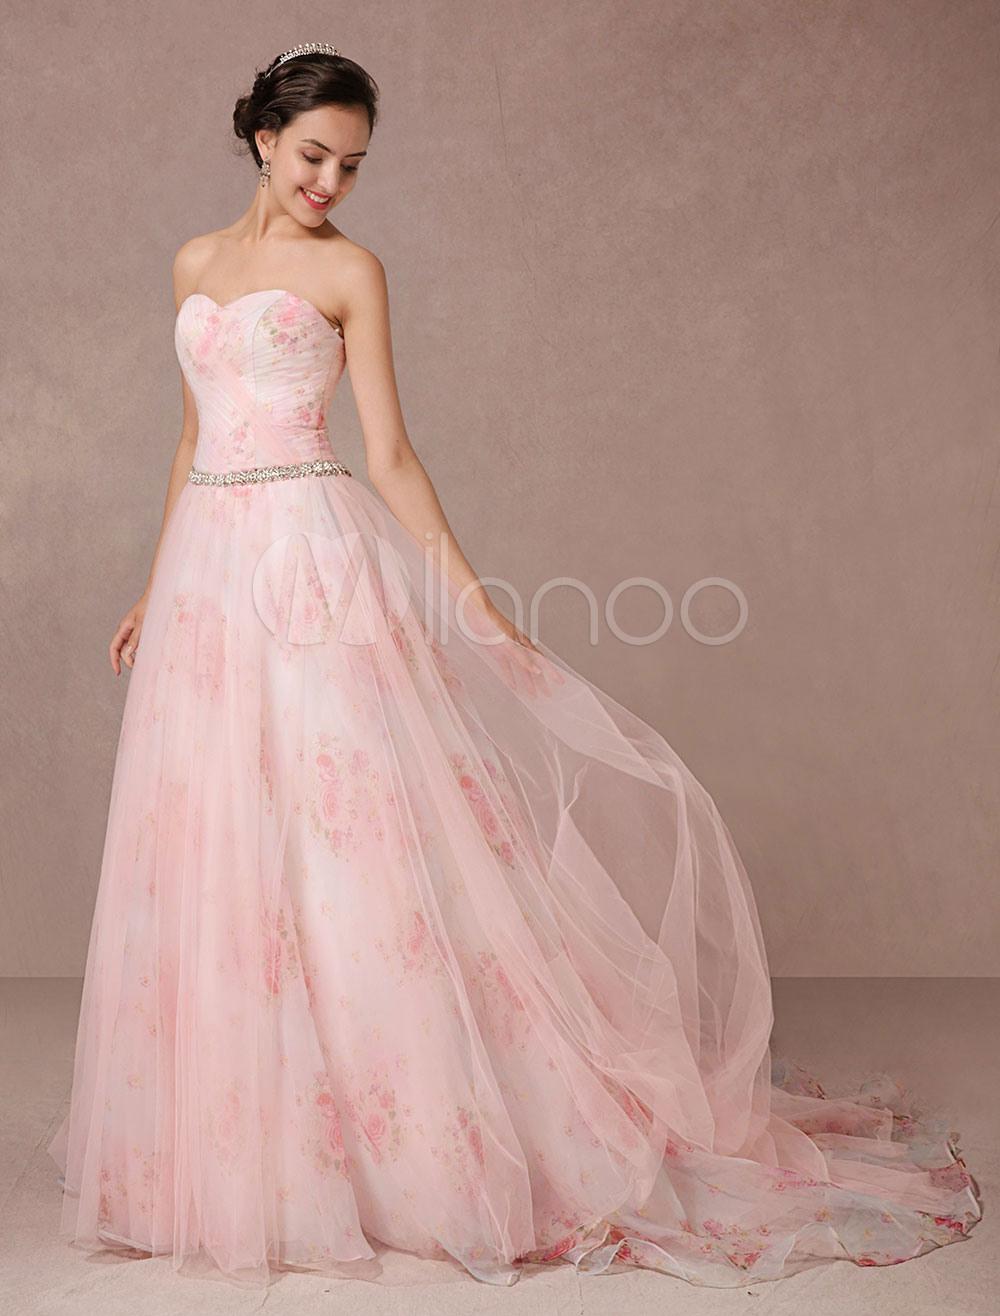 Rosa Kleid Blumen Hochzeit Druckt Tüll Brautkleid Trägerlos Sweetheart  Quinceanera Kleid Strass Schärpe Rückenfreie Festzug Kleid